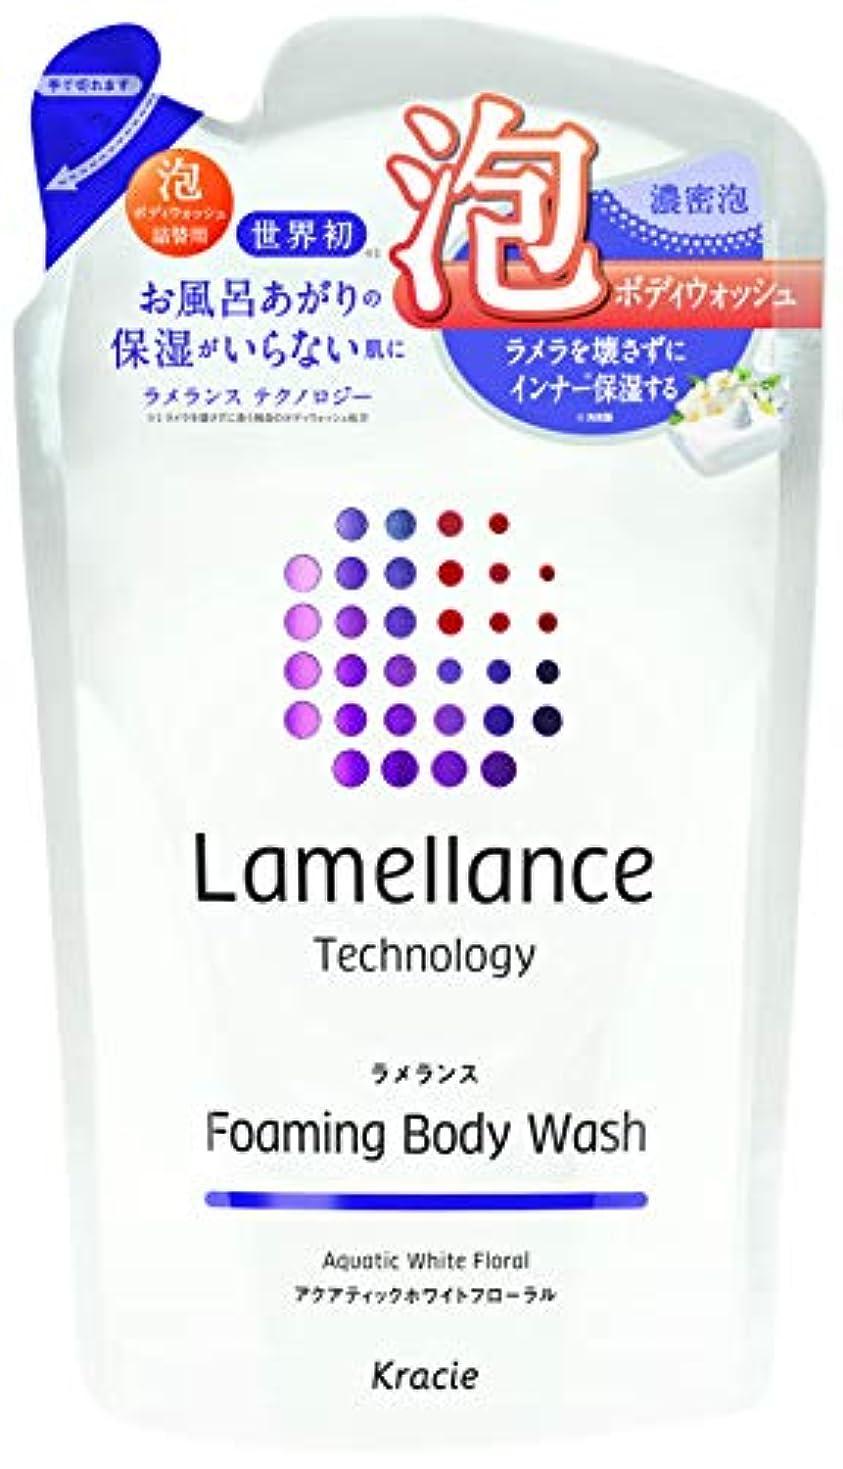 に同意する鎮静剤掘るラメランス 泡ボディウォッシュ詰替380mL(アクアティックホワイトフローラルの香り) 泡立ていらずの濃密泡